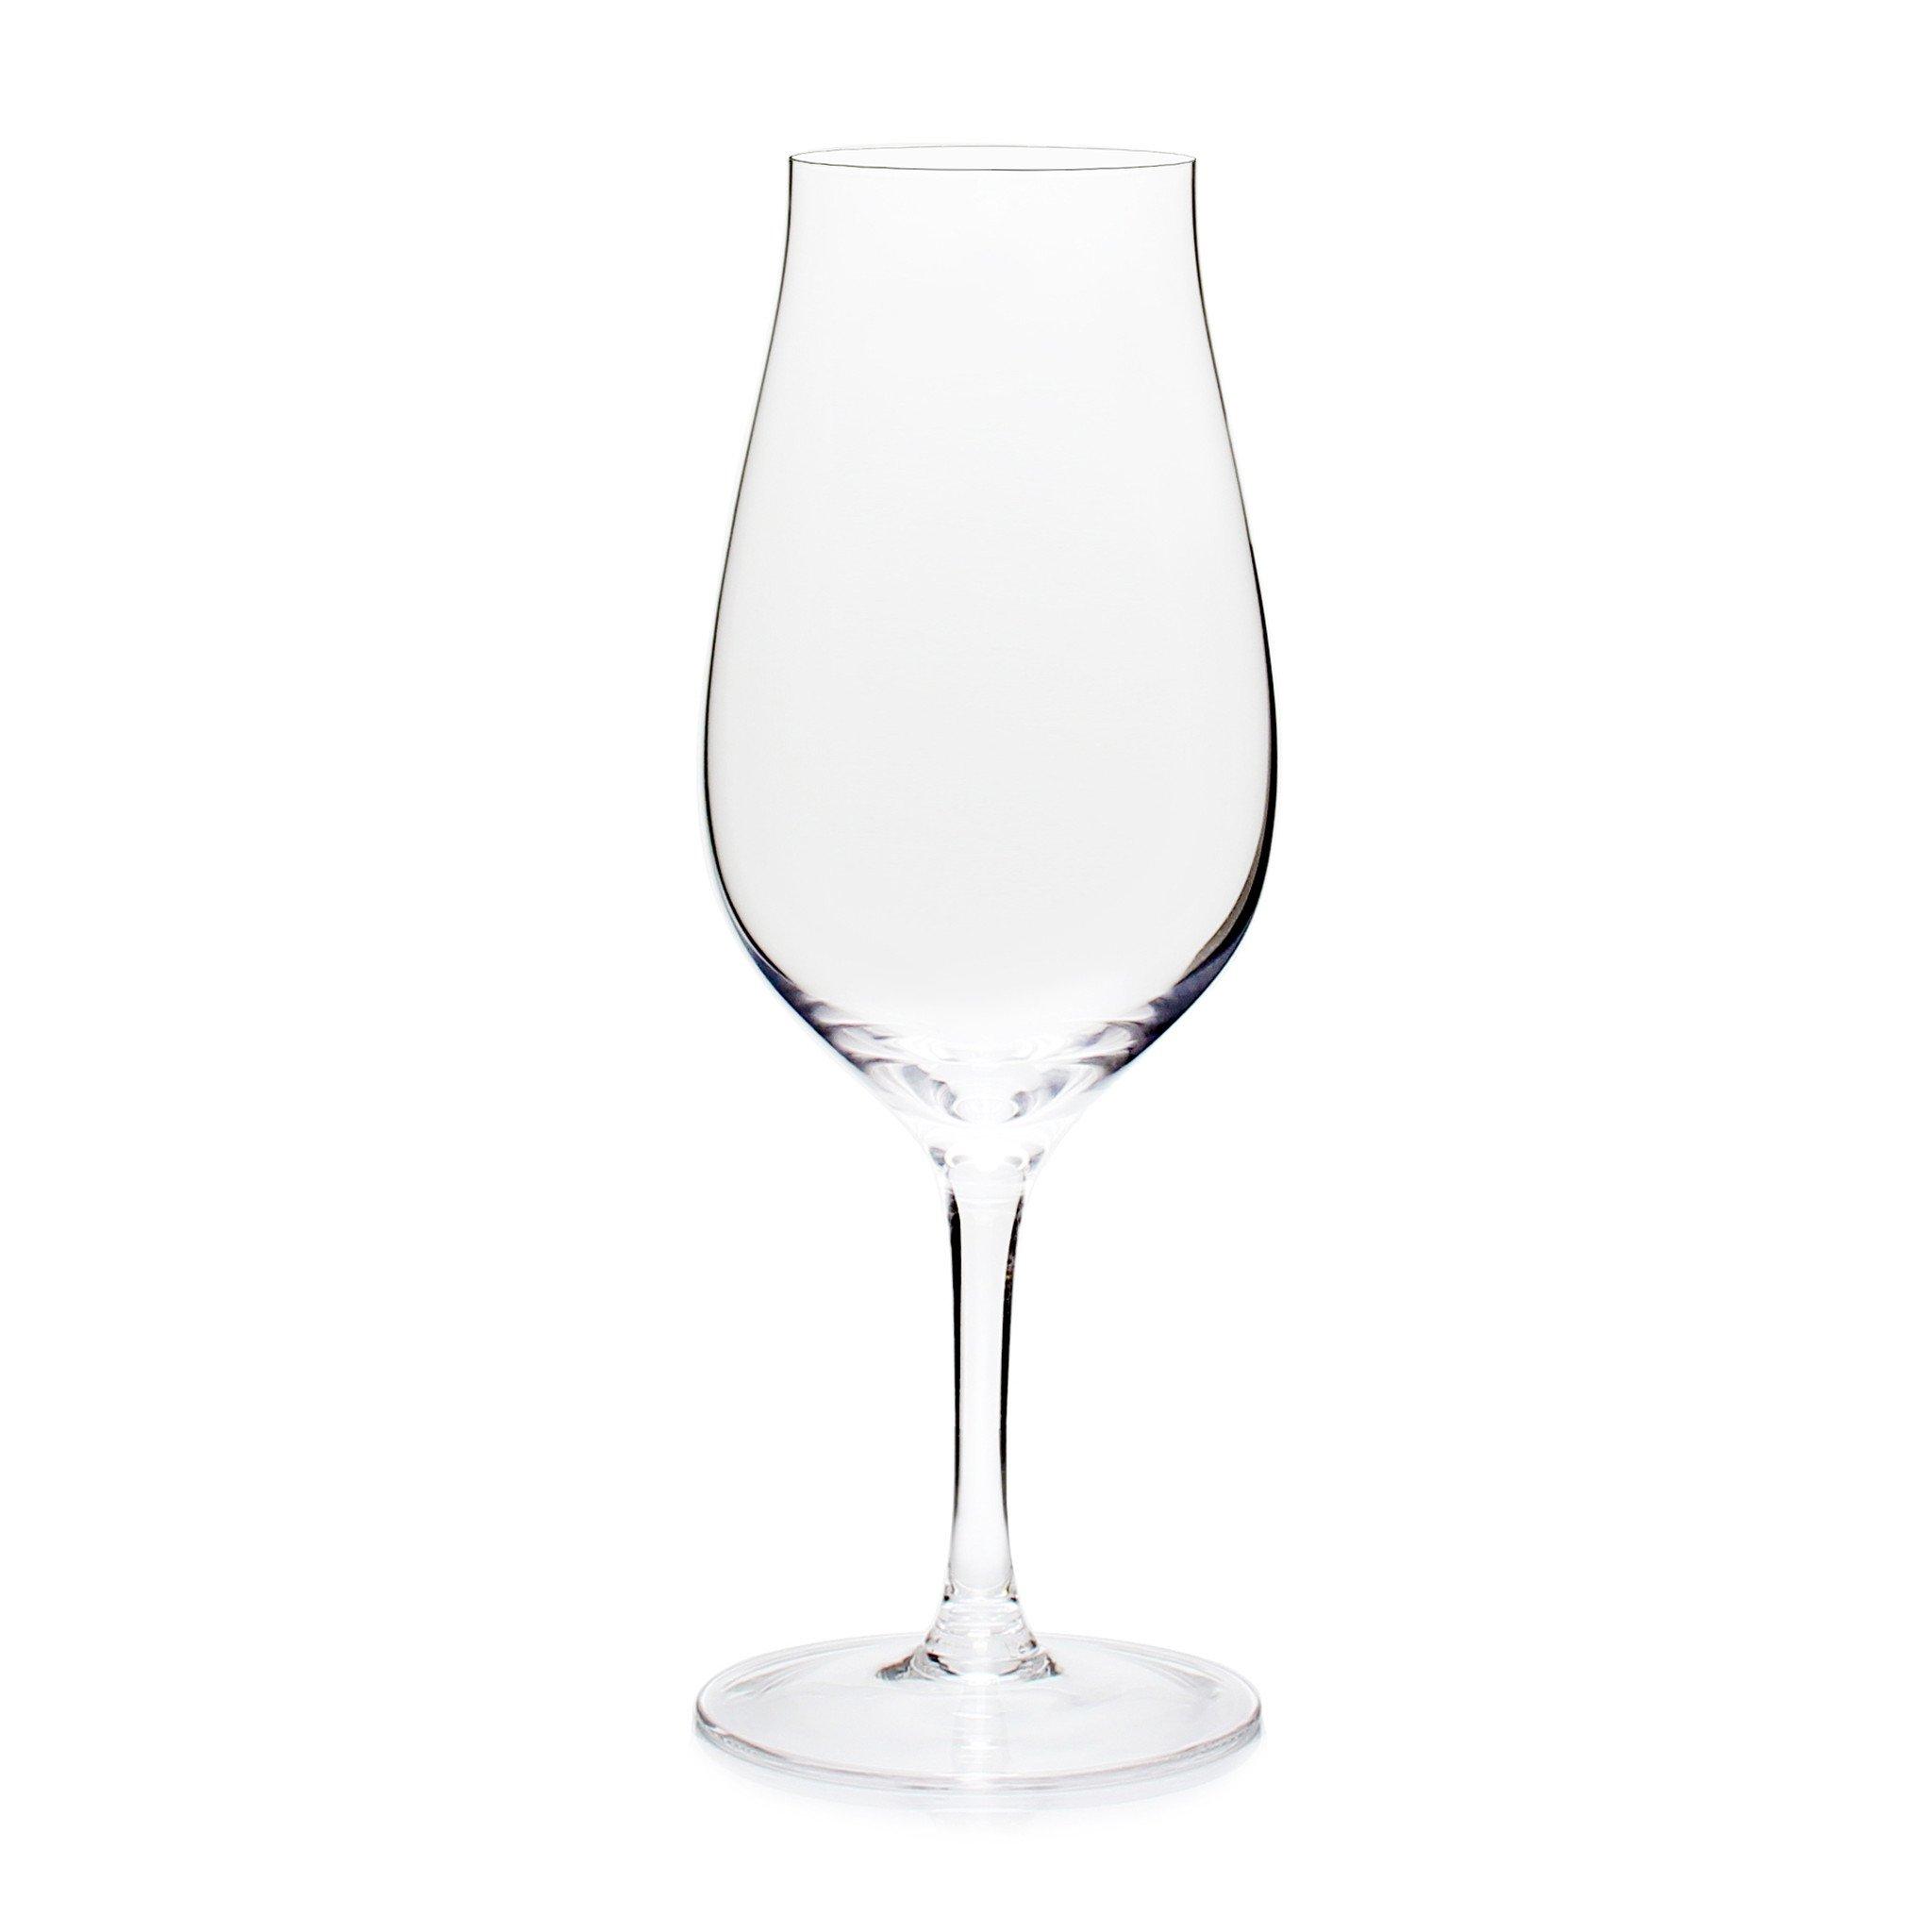 Ravenscroft Crystal 14-Ounce Cognac/Single Malt Scotch Snifter, 7-1/2-Inch, Set of 4